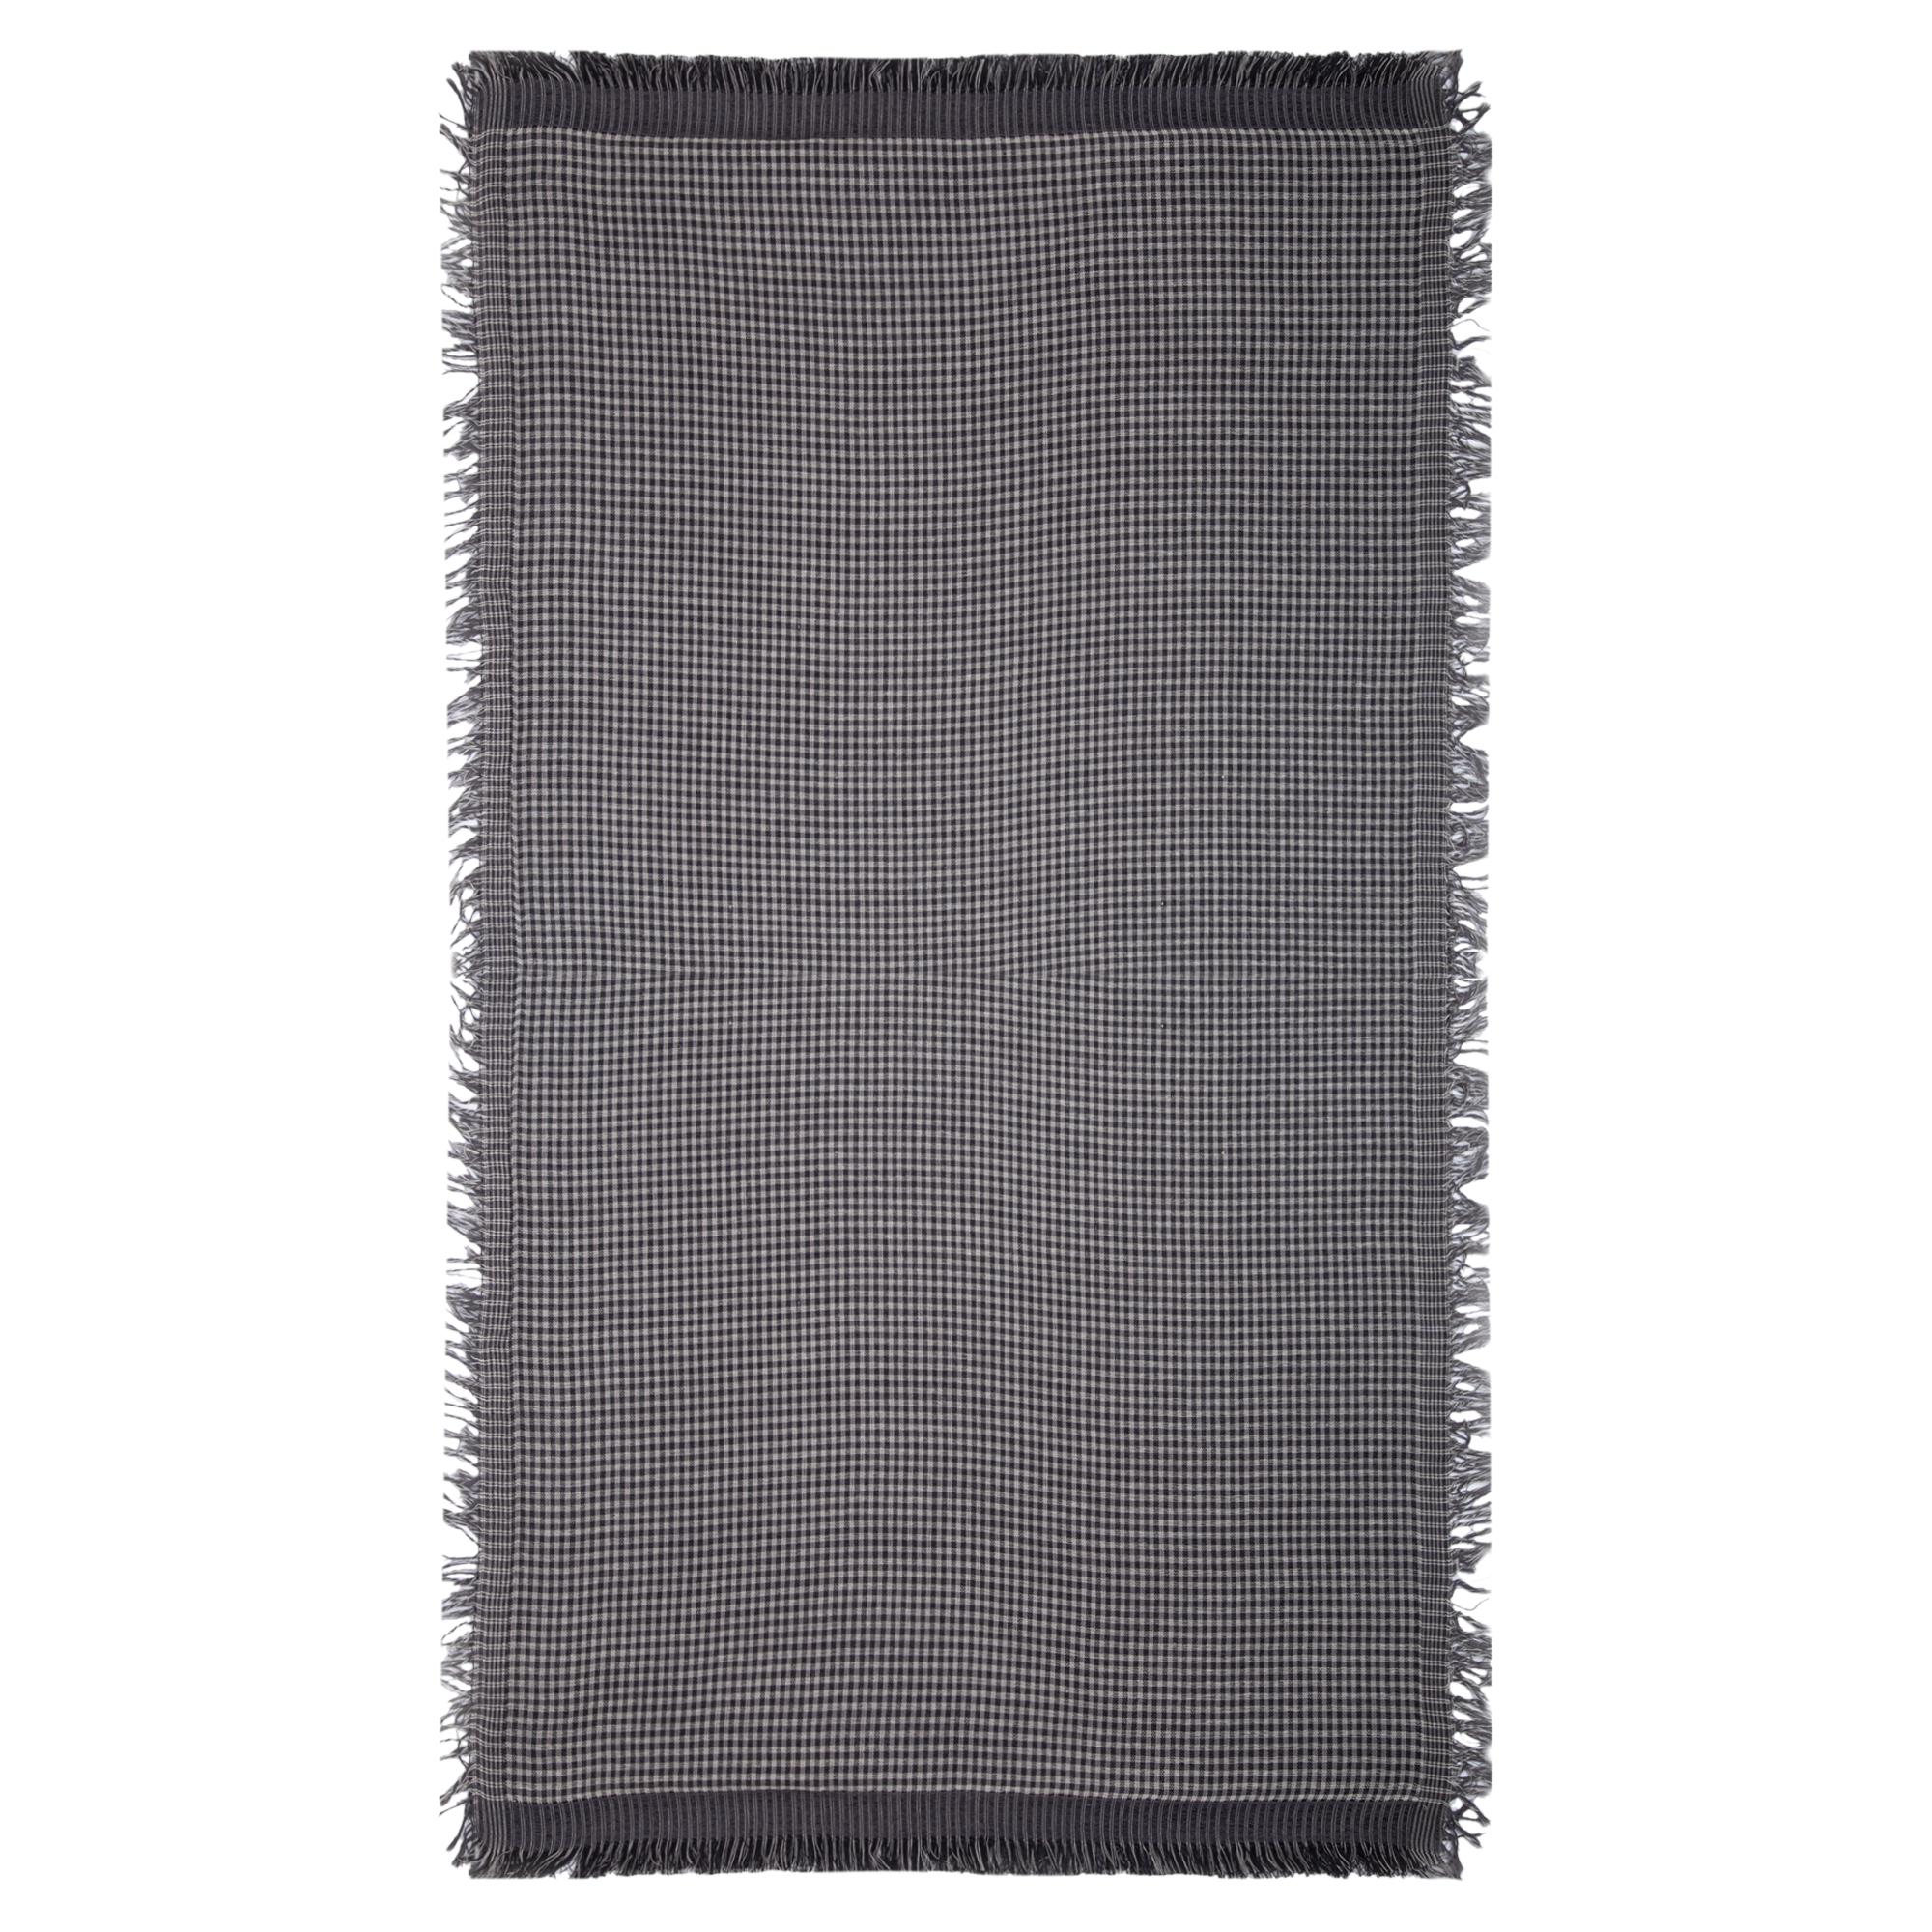 Halstuch schwarz weiß grau Streifen Schal Schaltuch